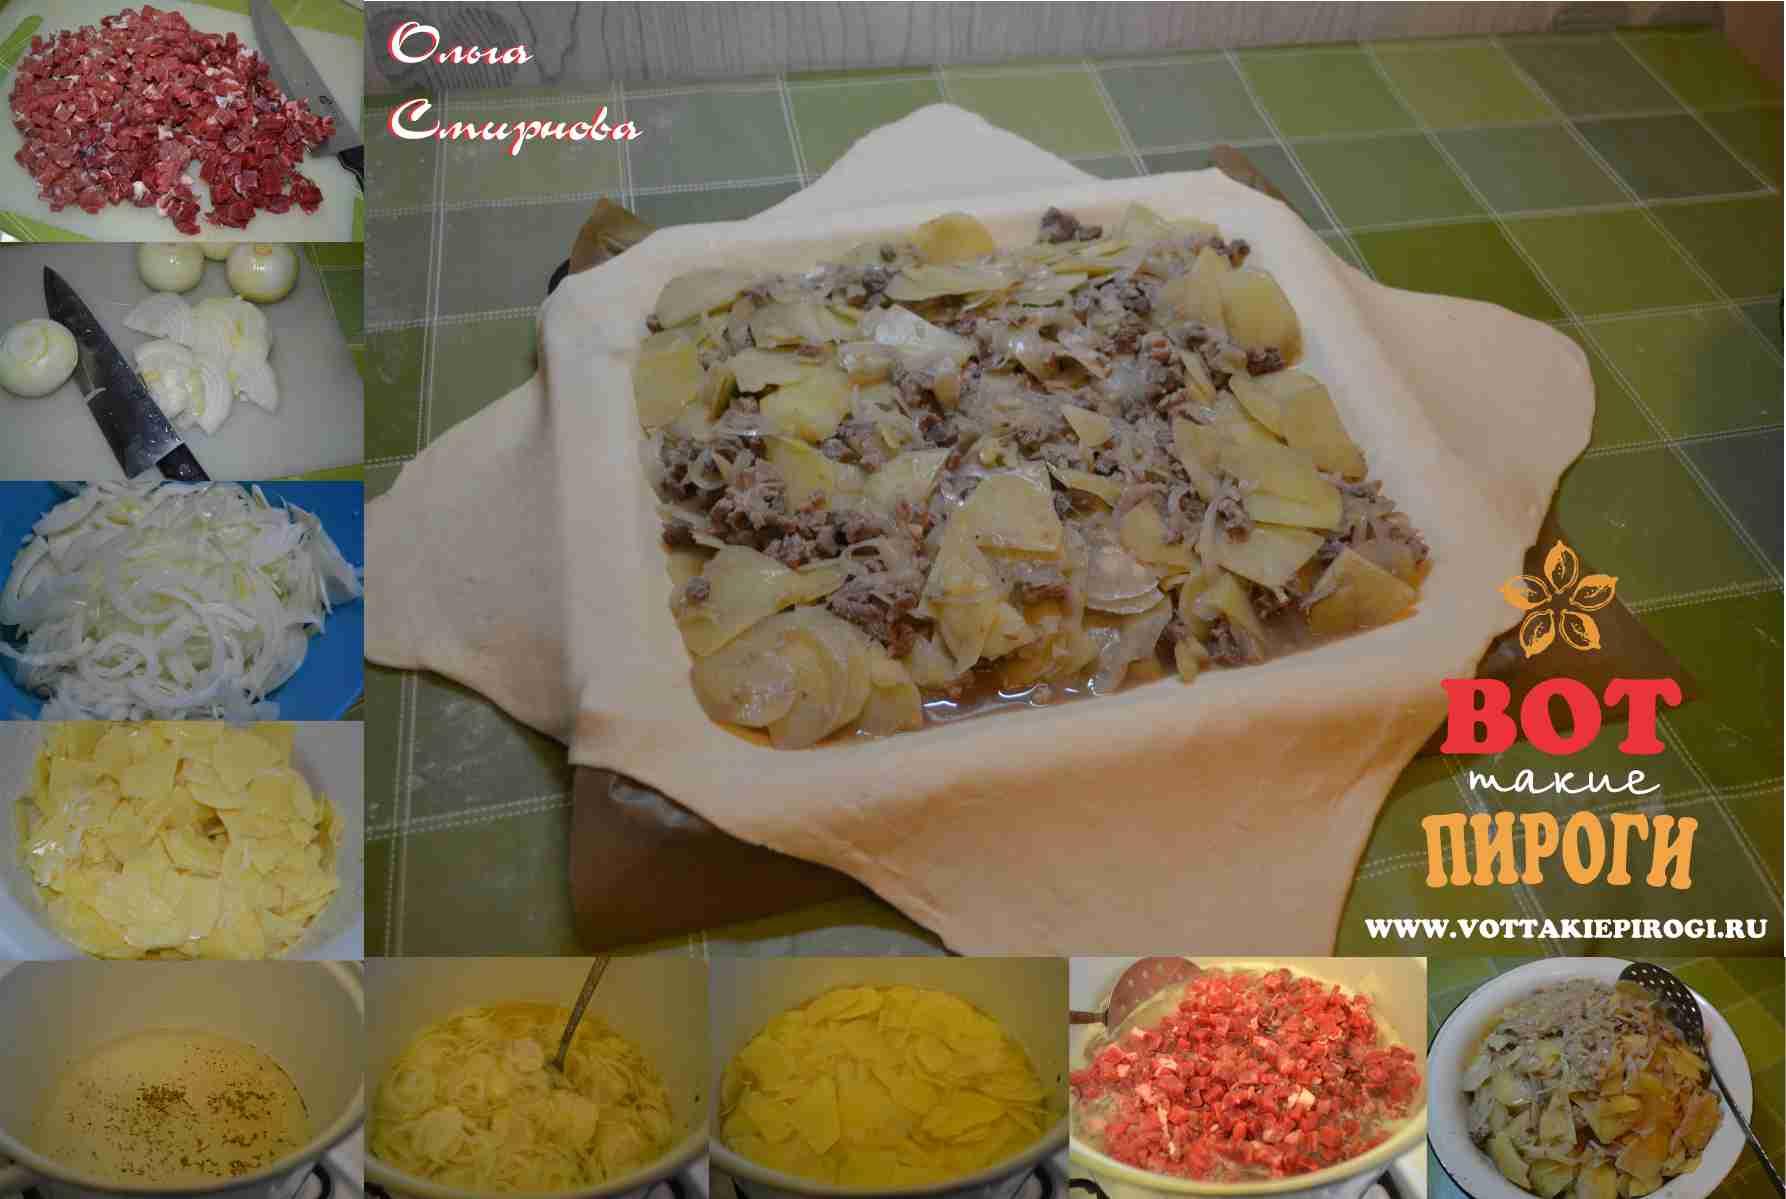 Кубете с курицей пошаговый рецепт